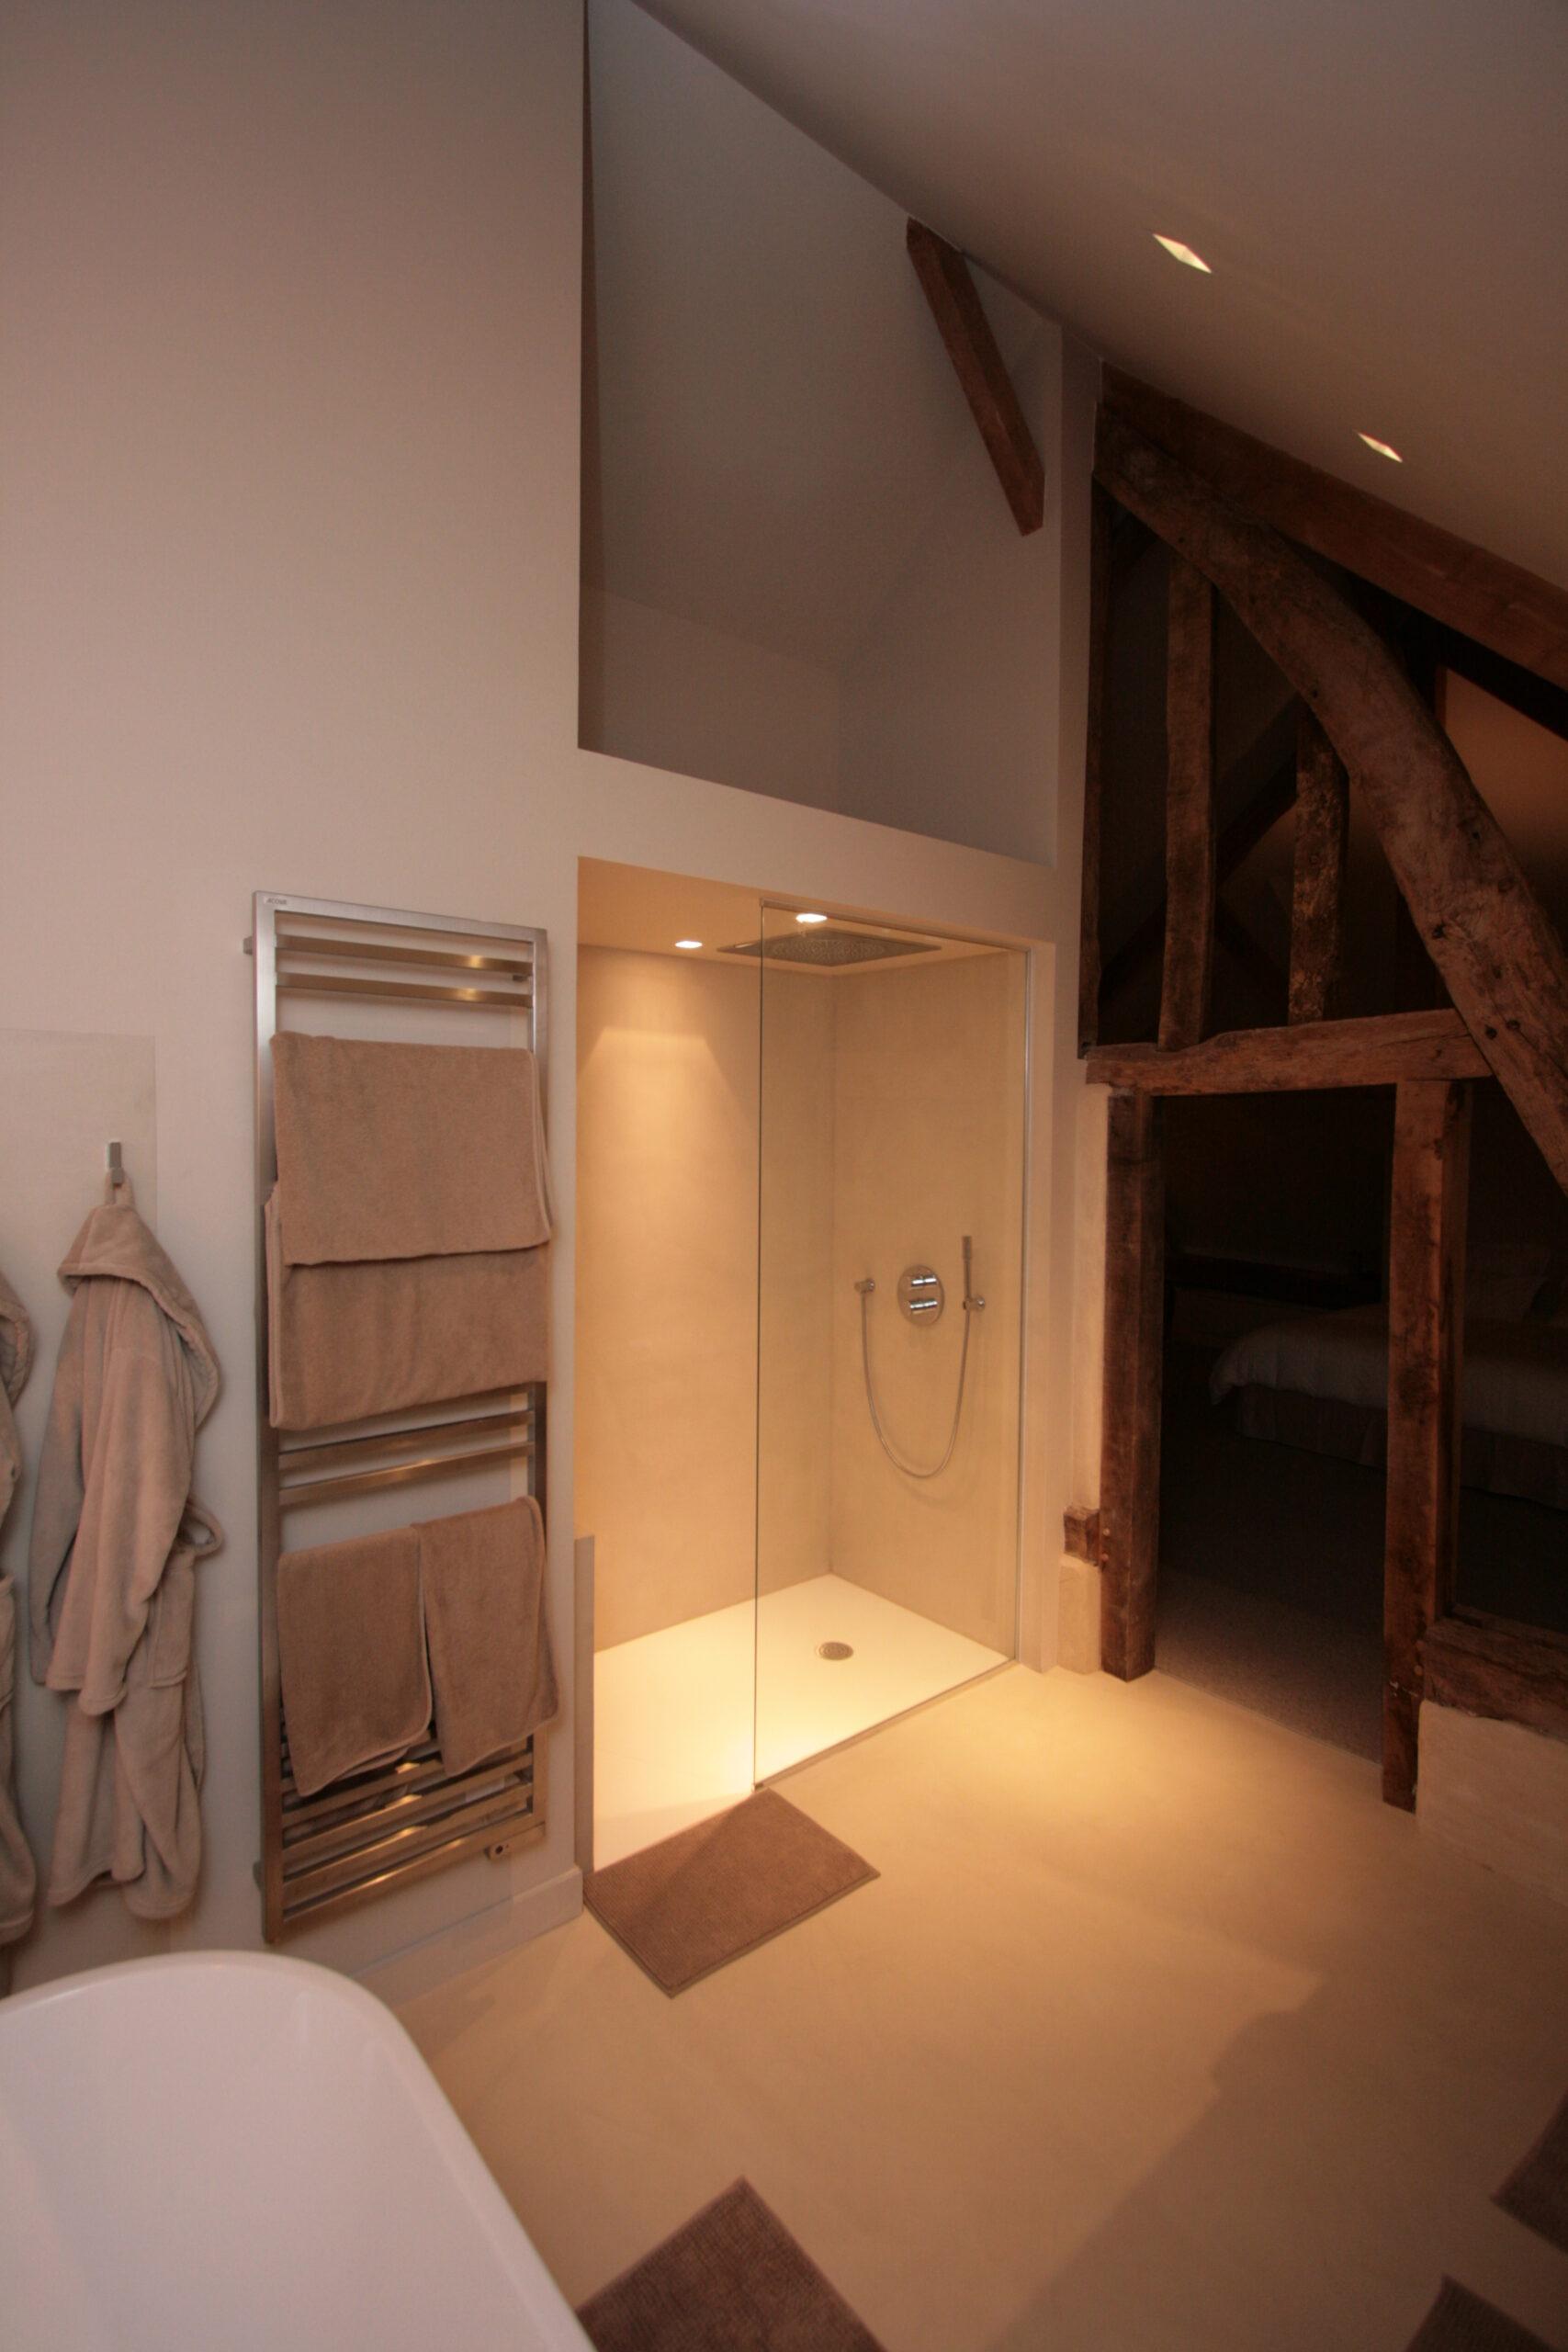 salle-de-bain-douche-italienne-atypique-poutre-bois-radiateur